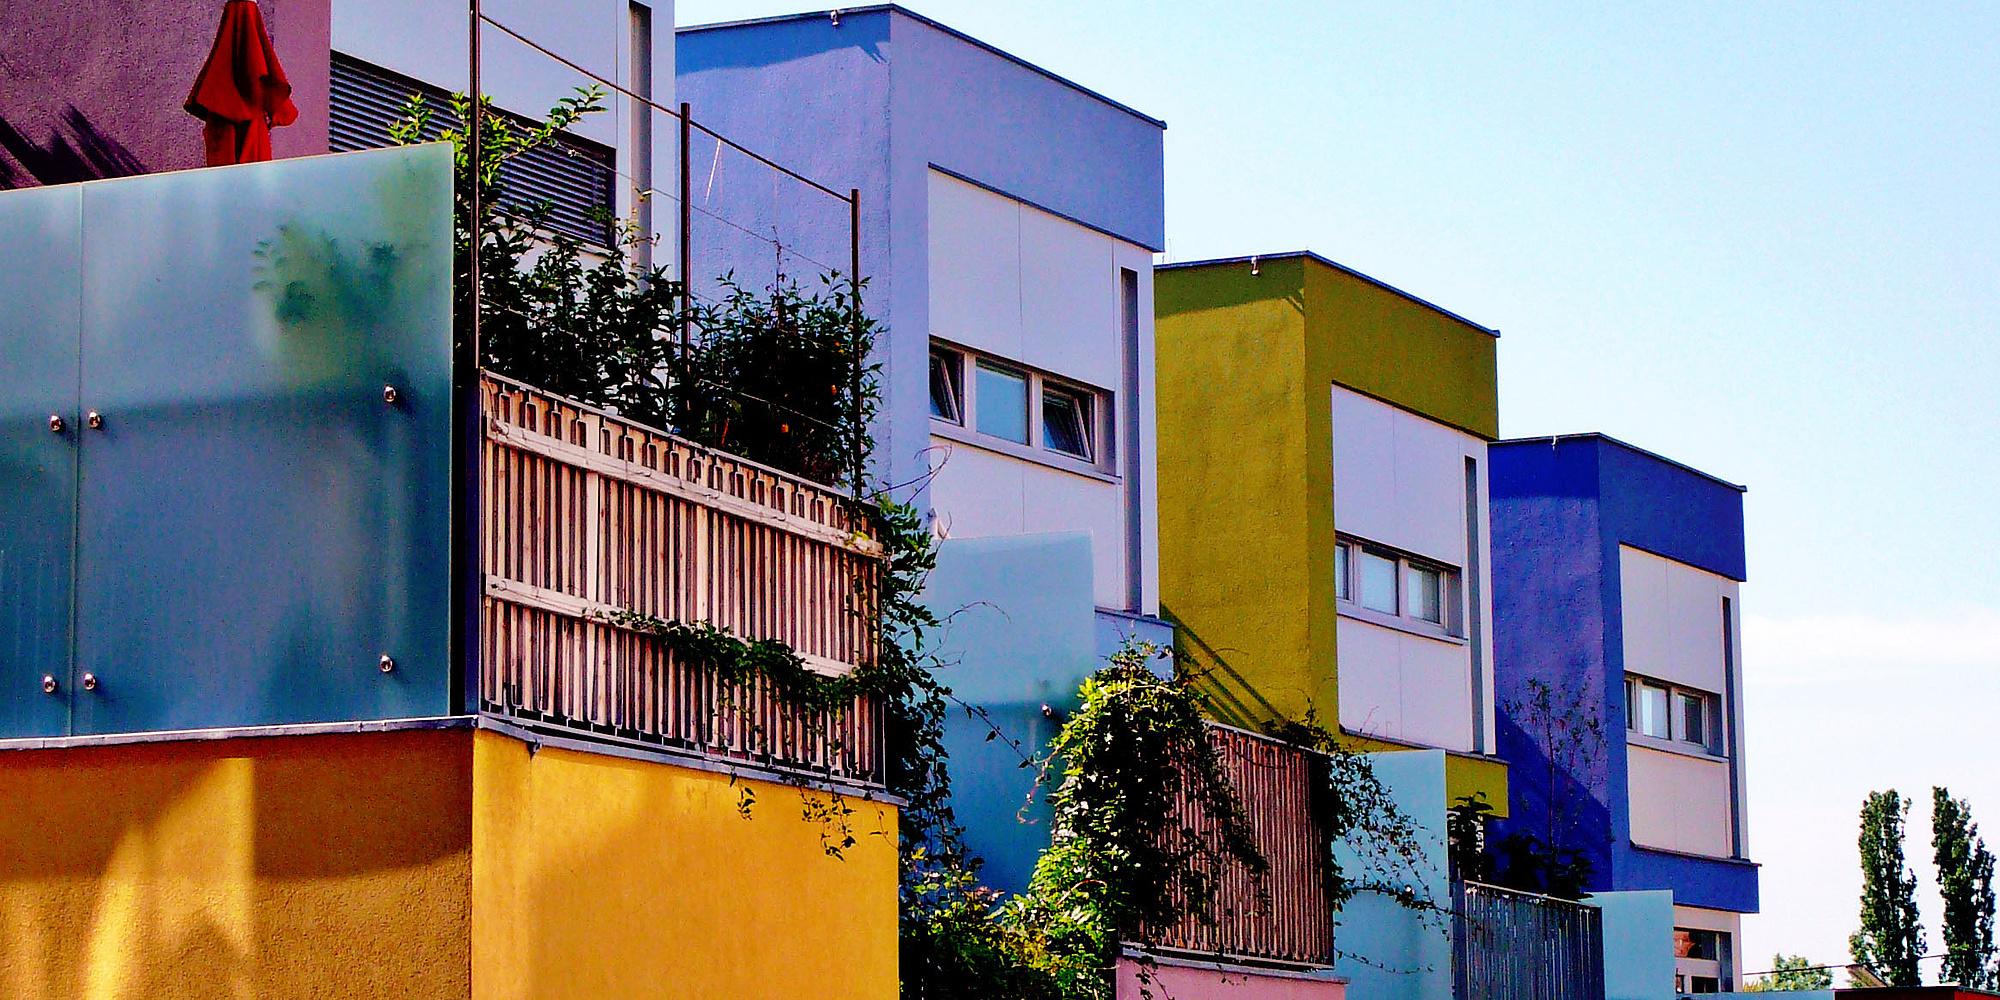 Bildquelle: corellio – Fotolia.com